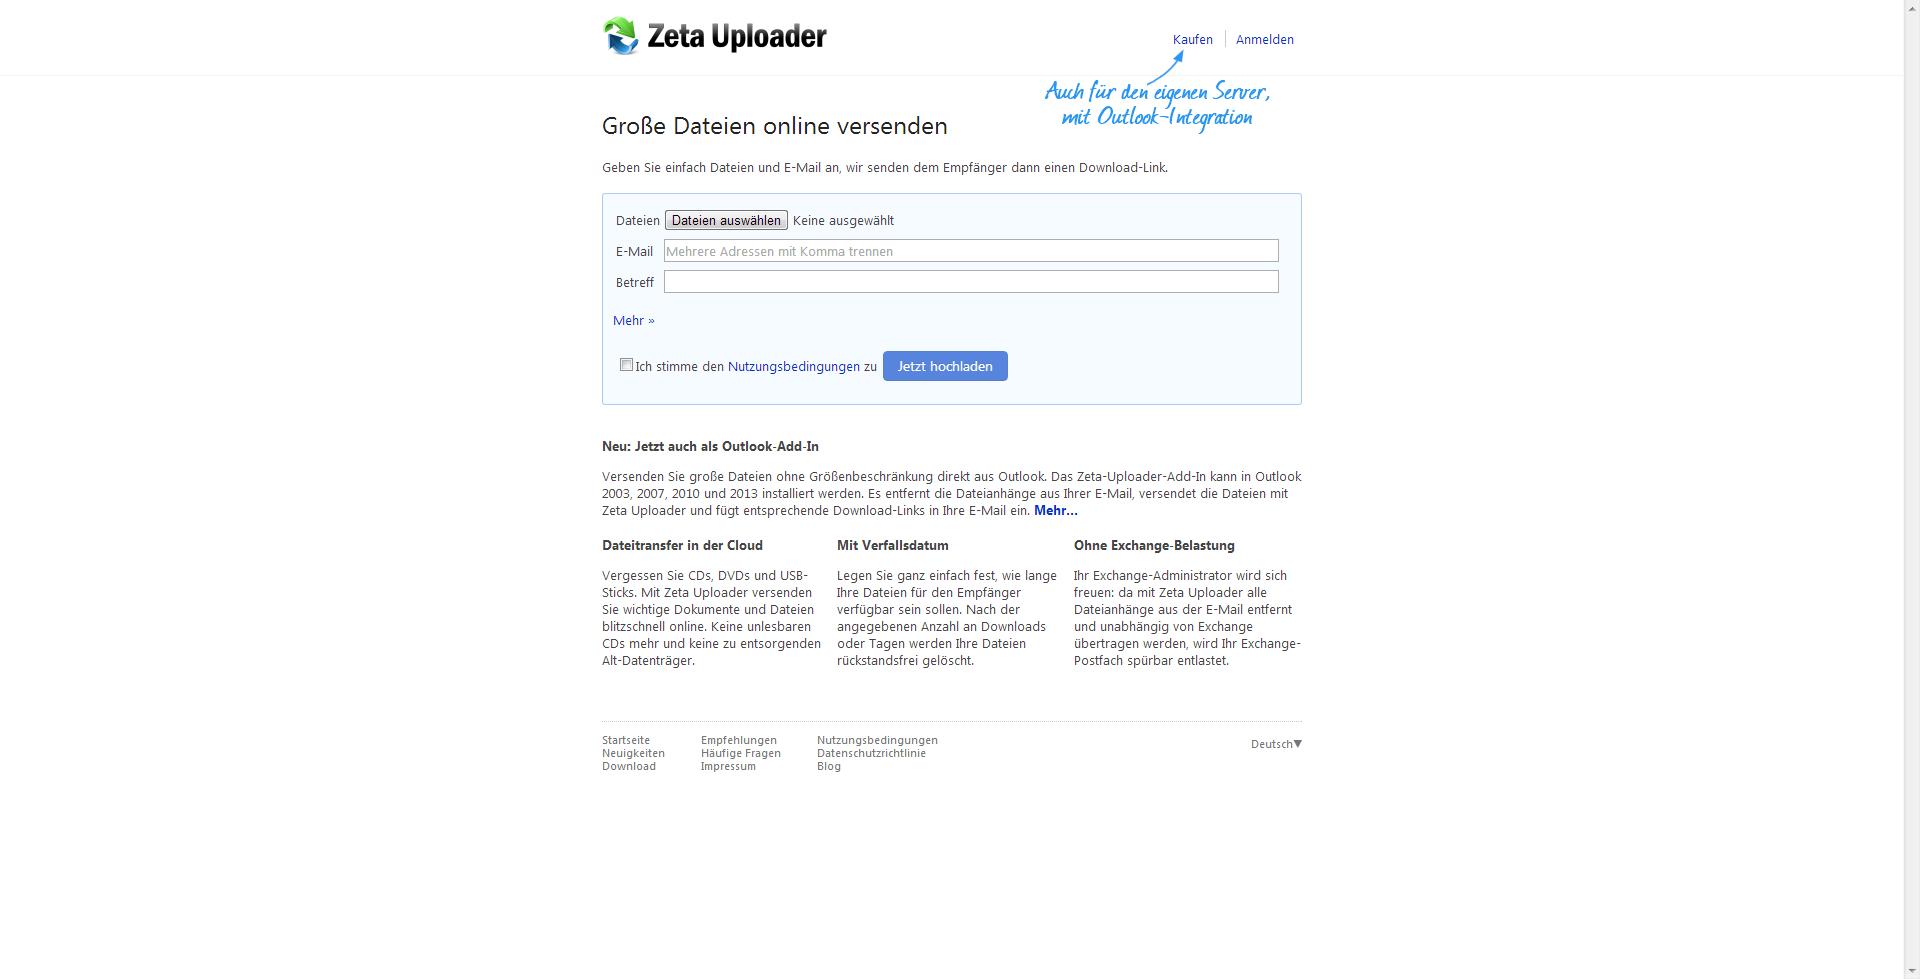 zeta-uploader-470.png?nocache=1371720437265